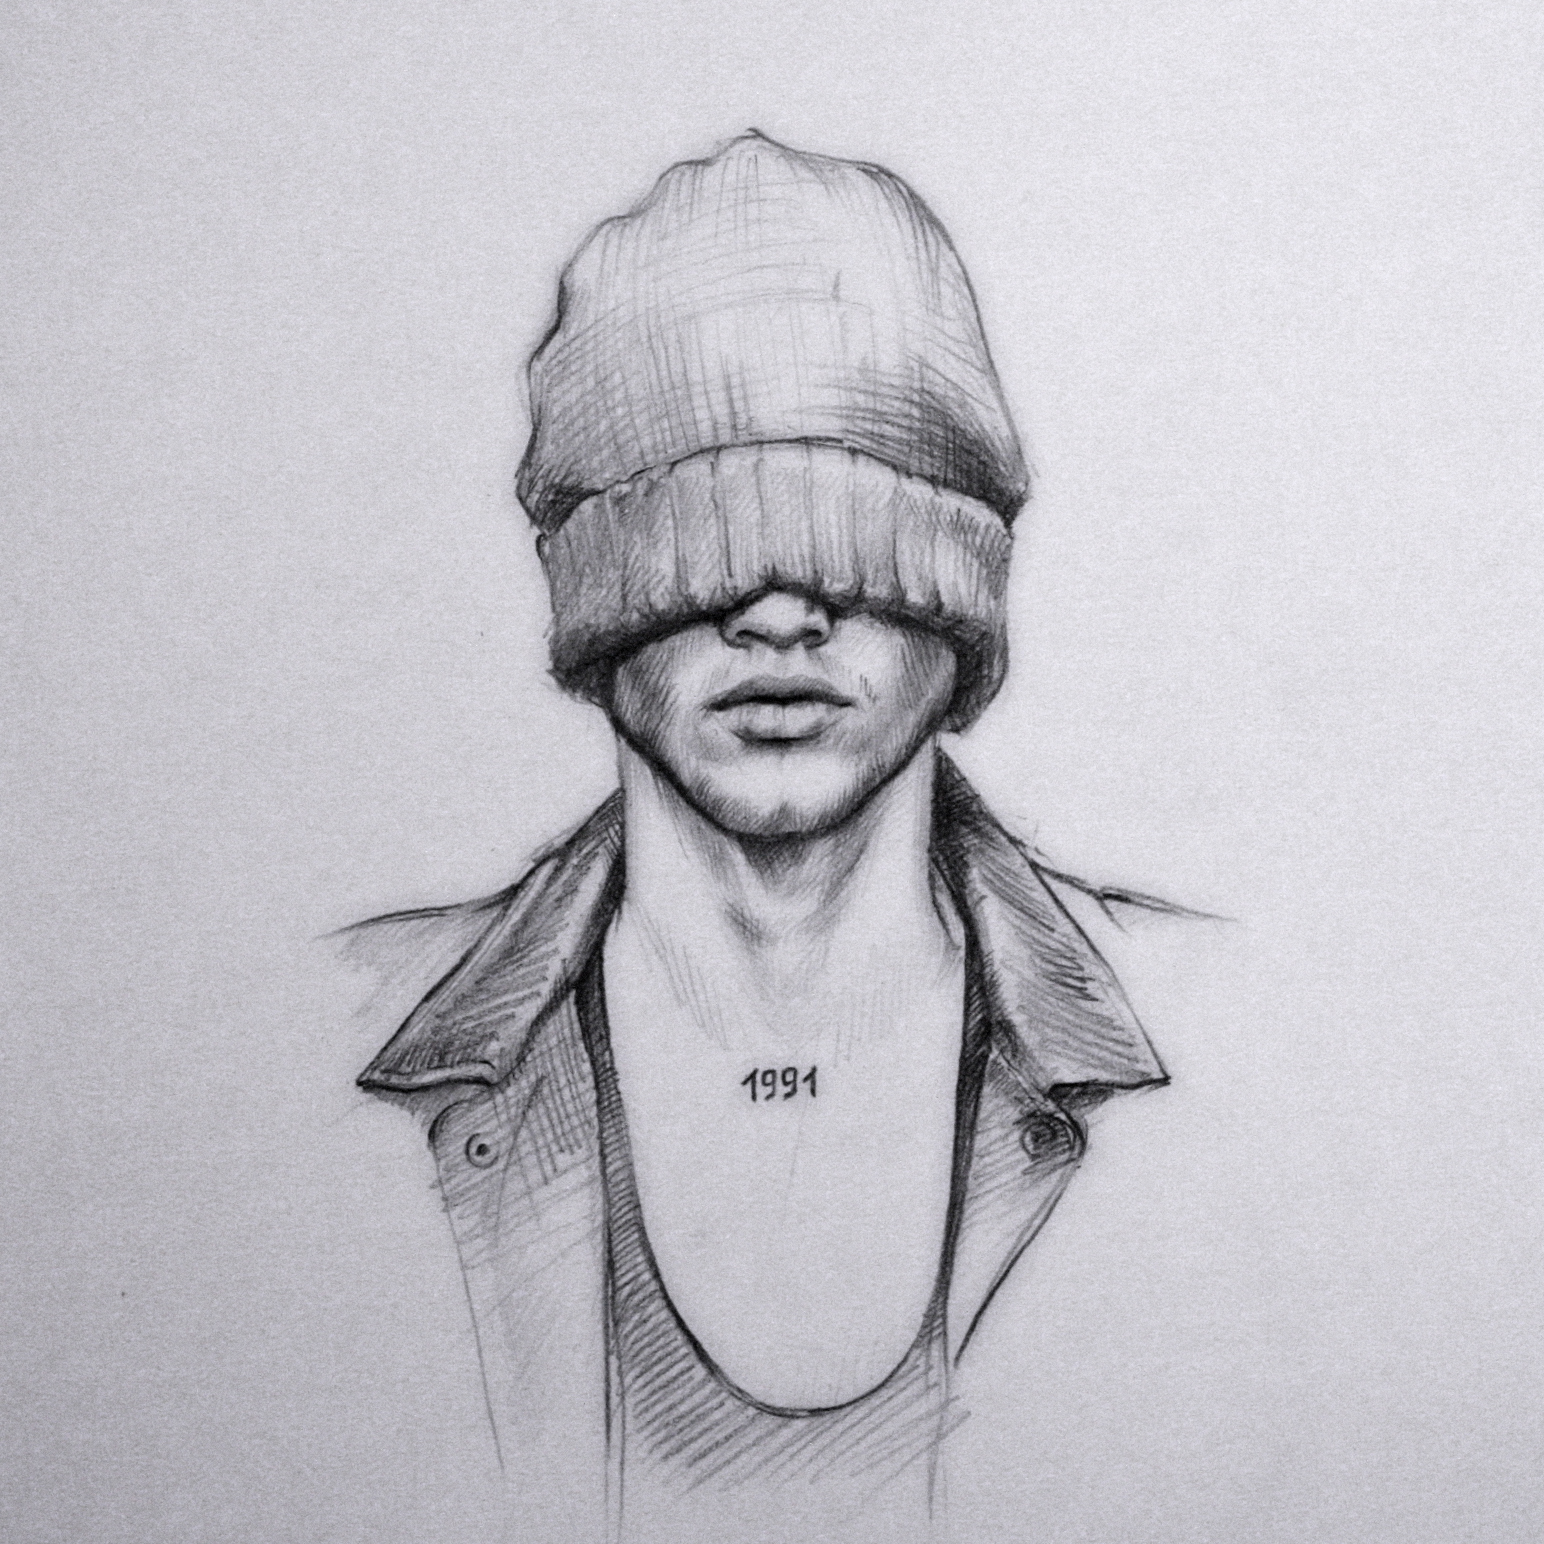 Картинки рисунки для мужчины с карандашом